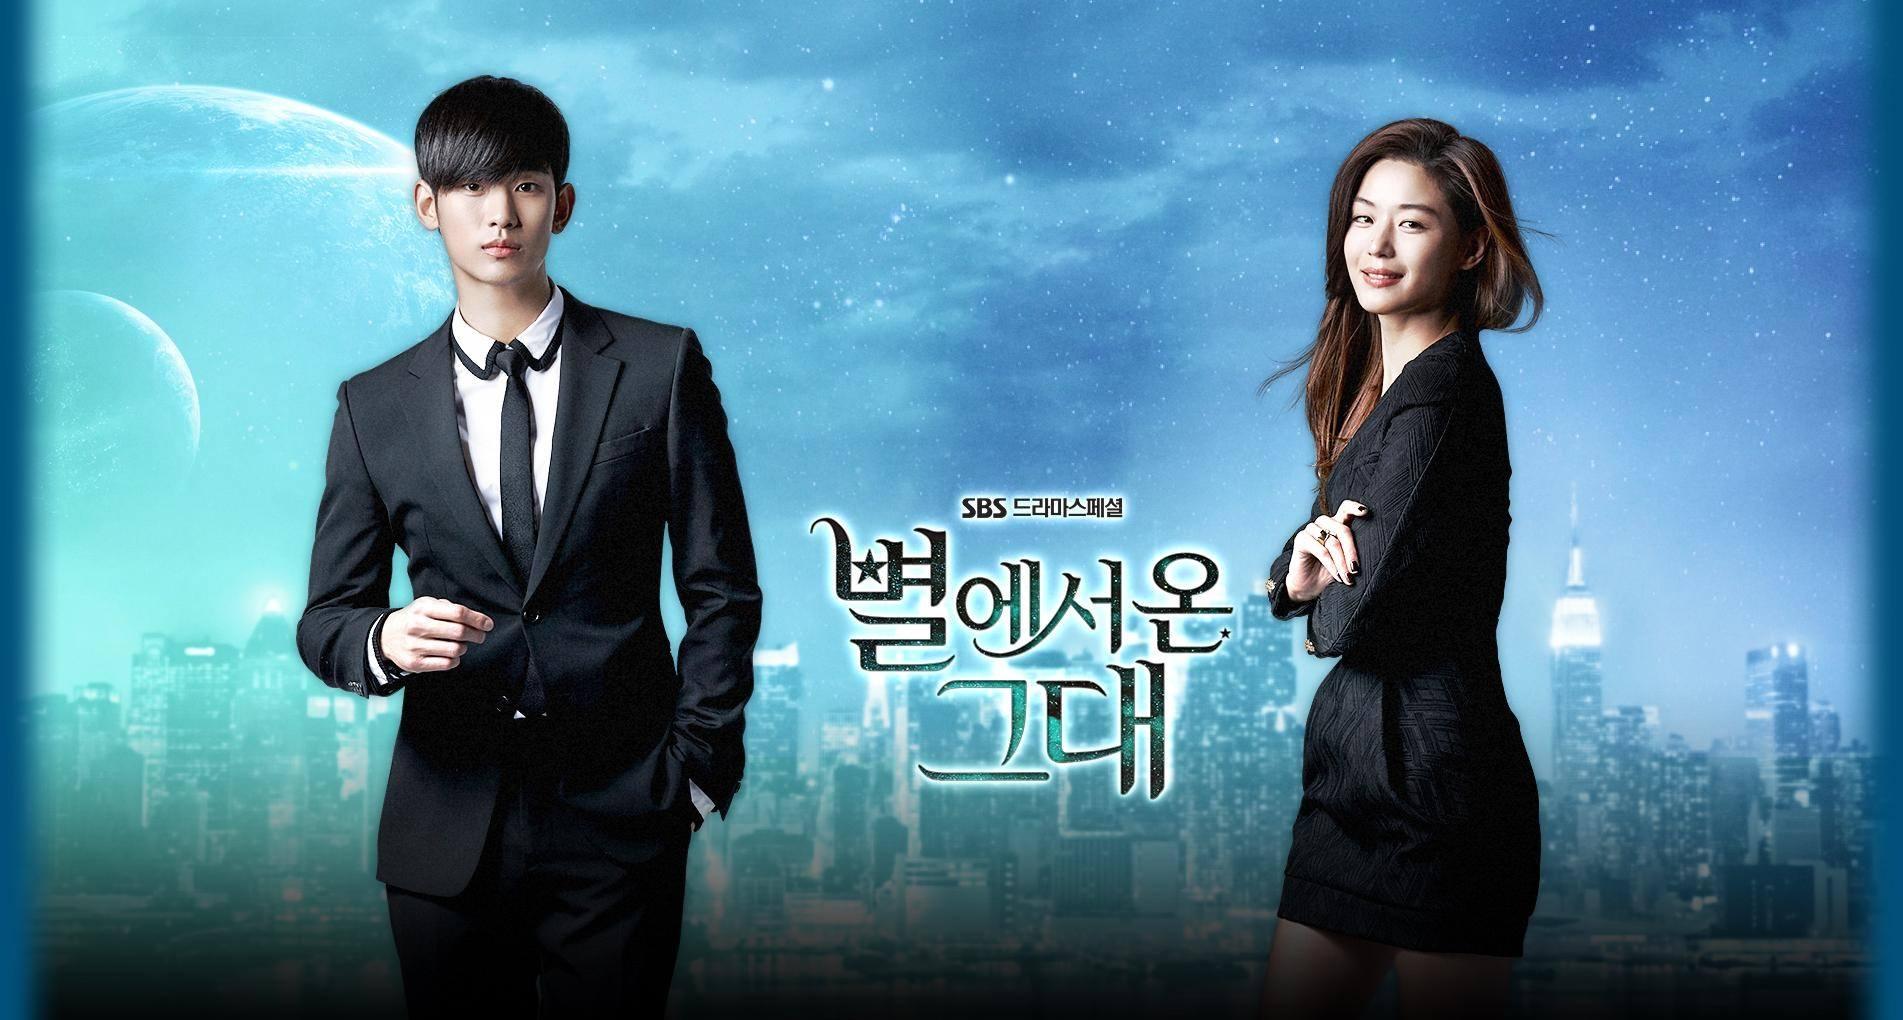 What are some good Korean romantic TV series? - Quora